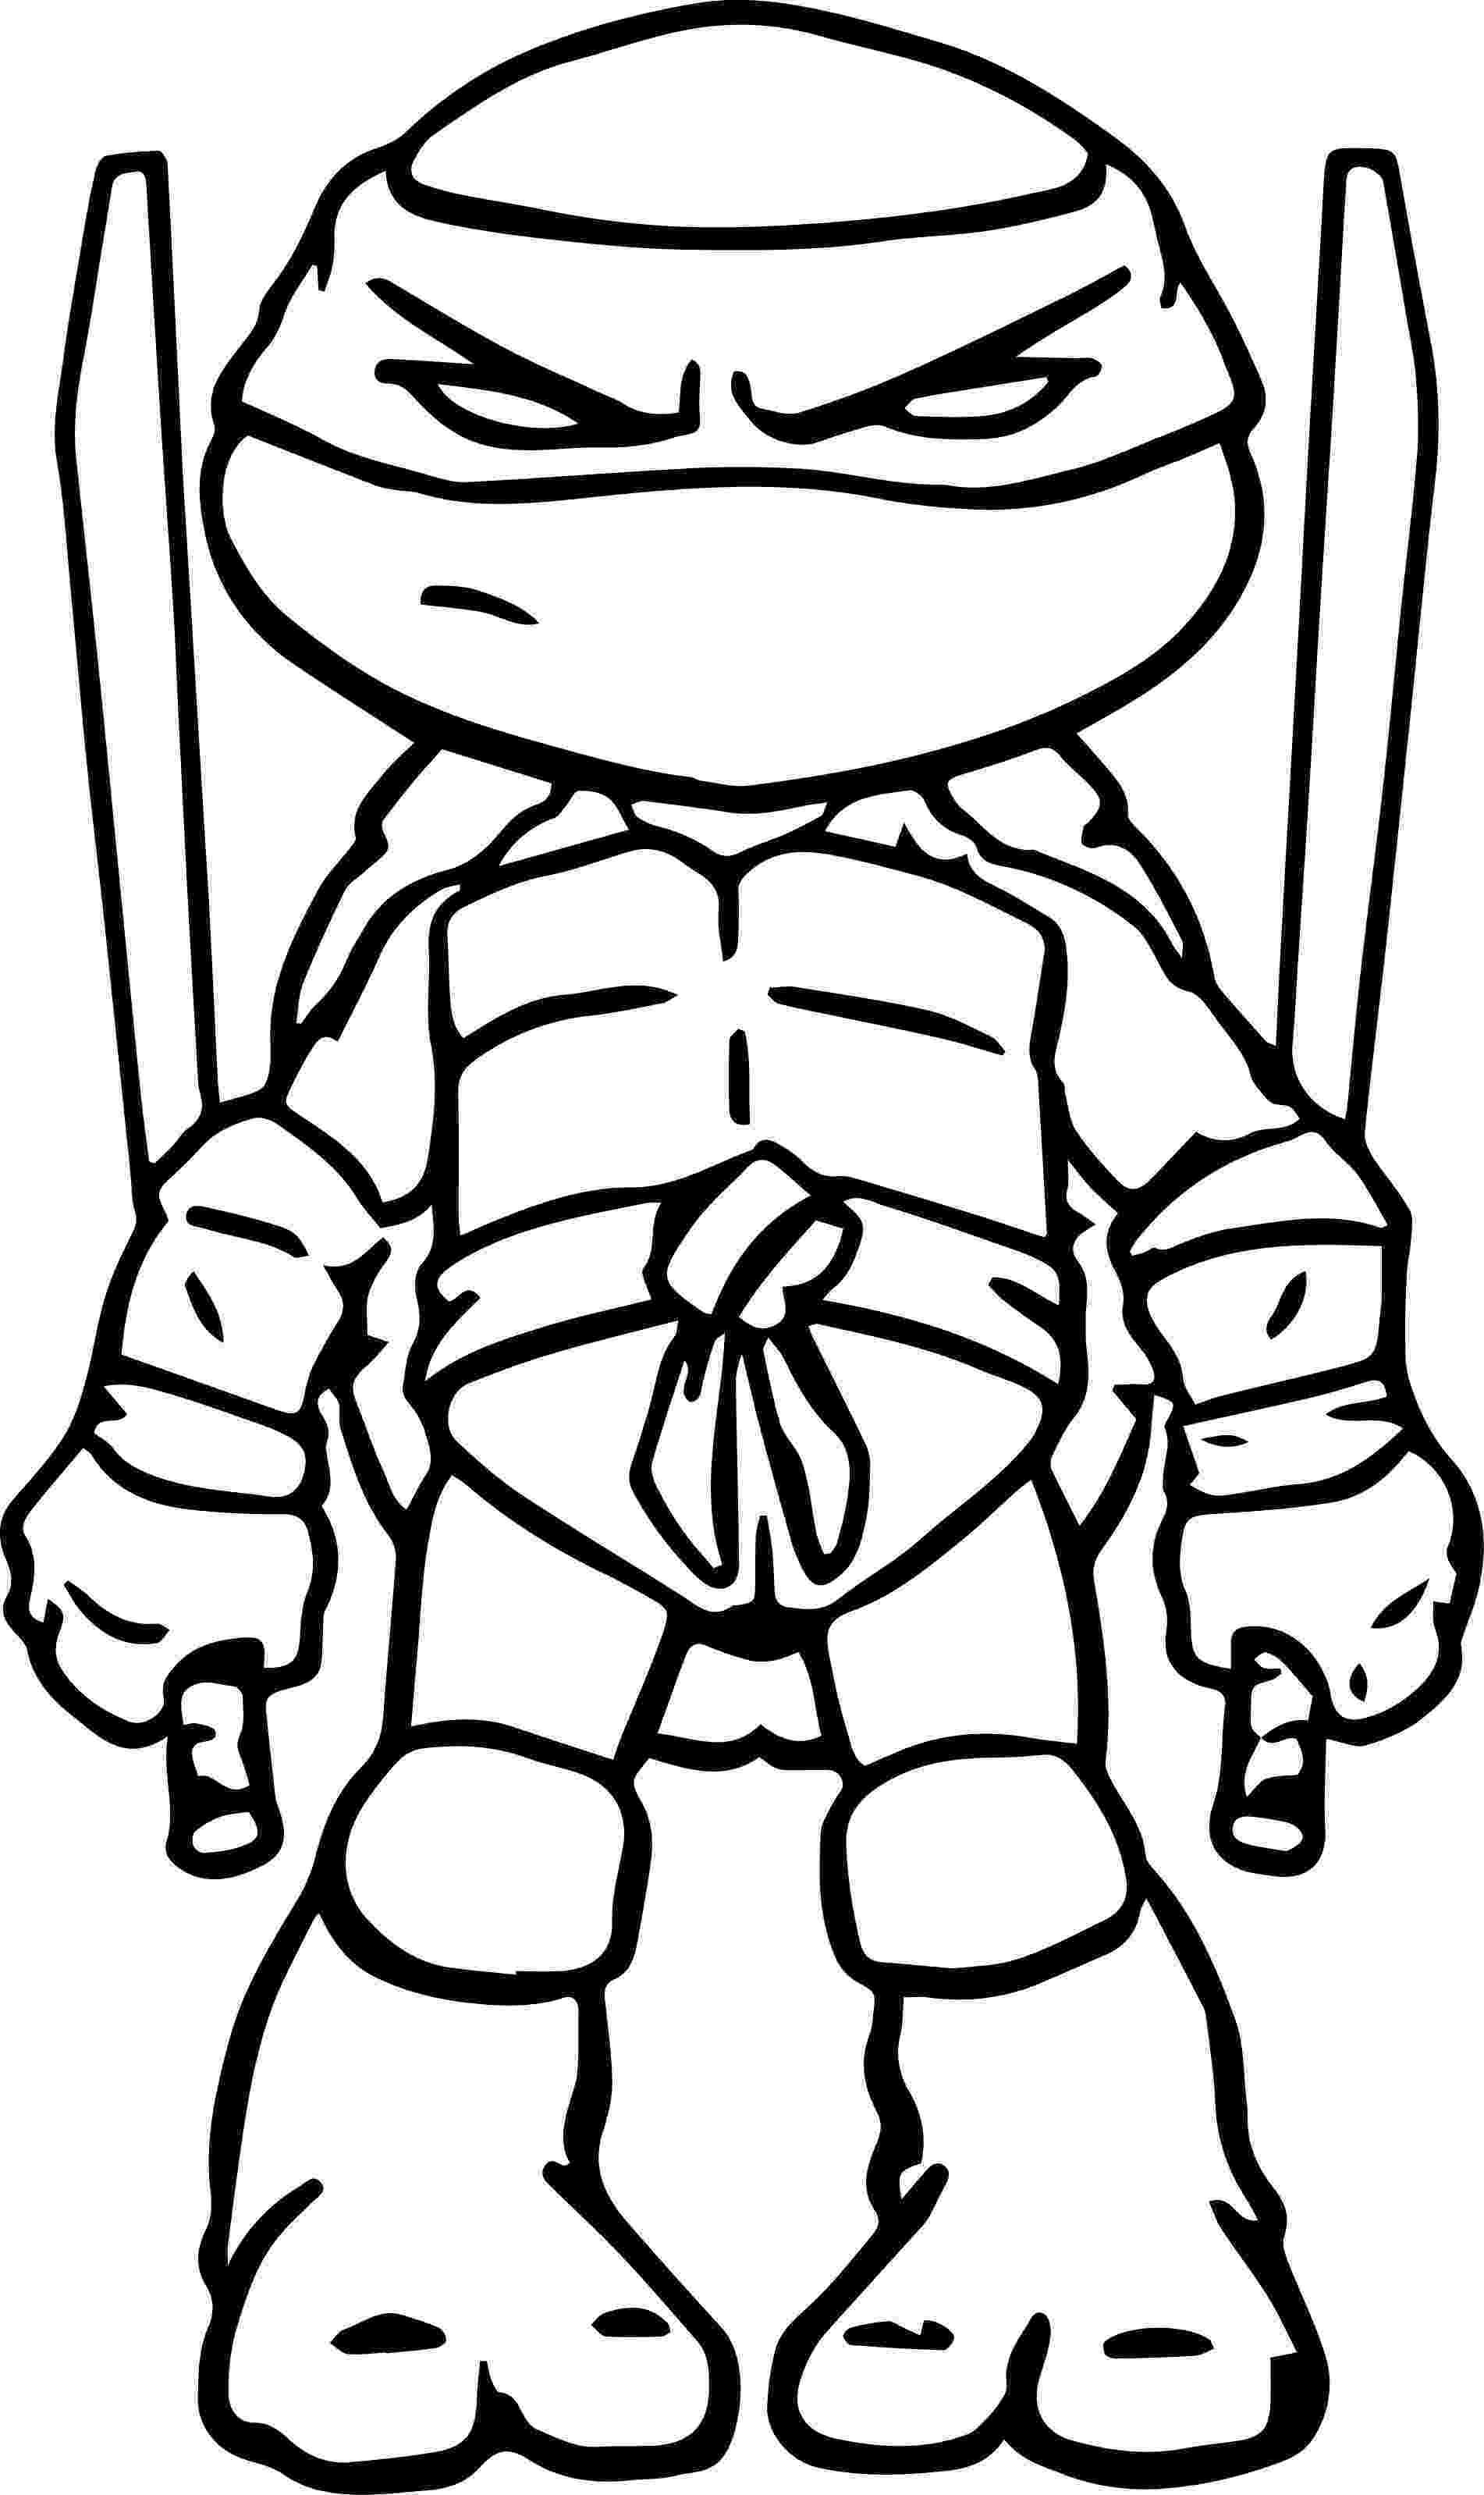 printable ninja turtle ninja turtle coloring pages free printable pictures turtle printable ninja